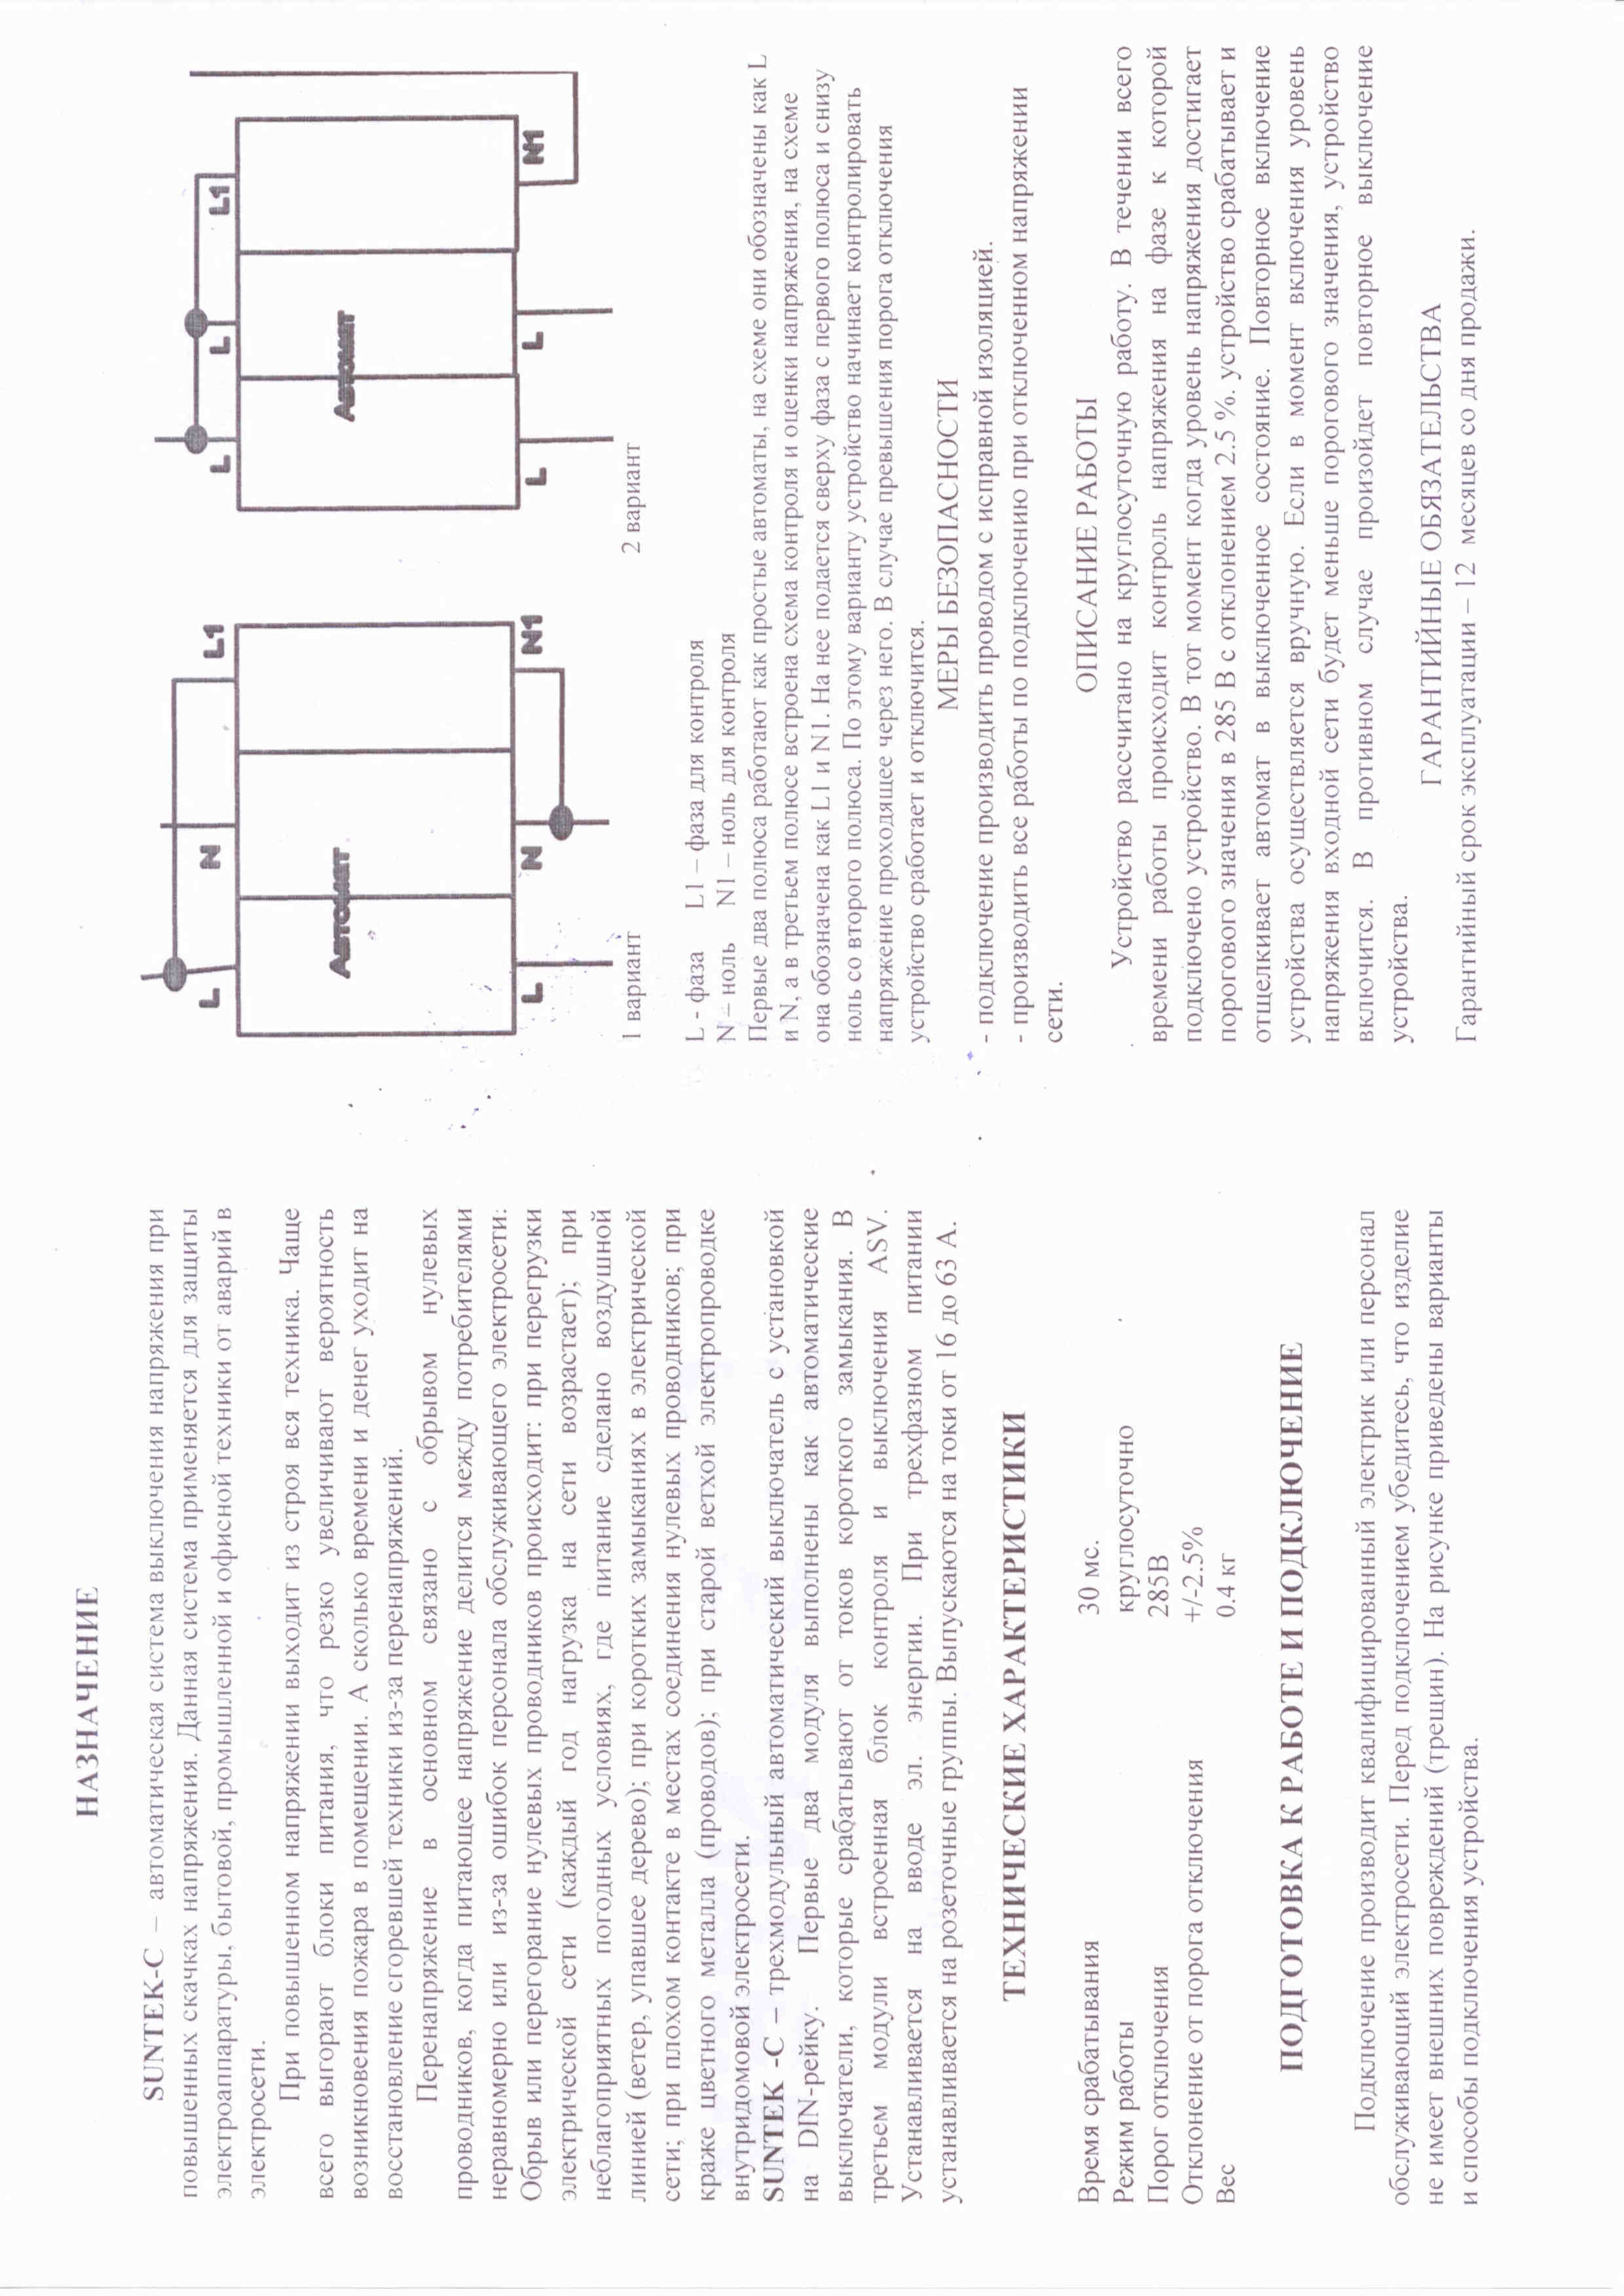 схема стабилизатора напряжения 220 вольт для дома